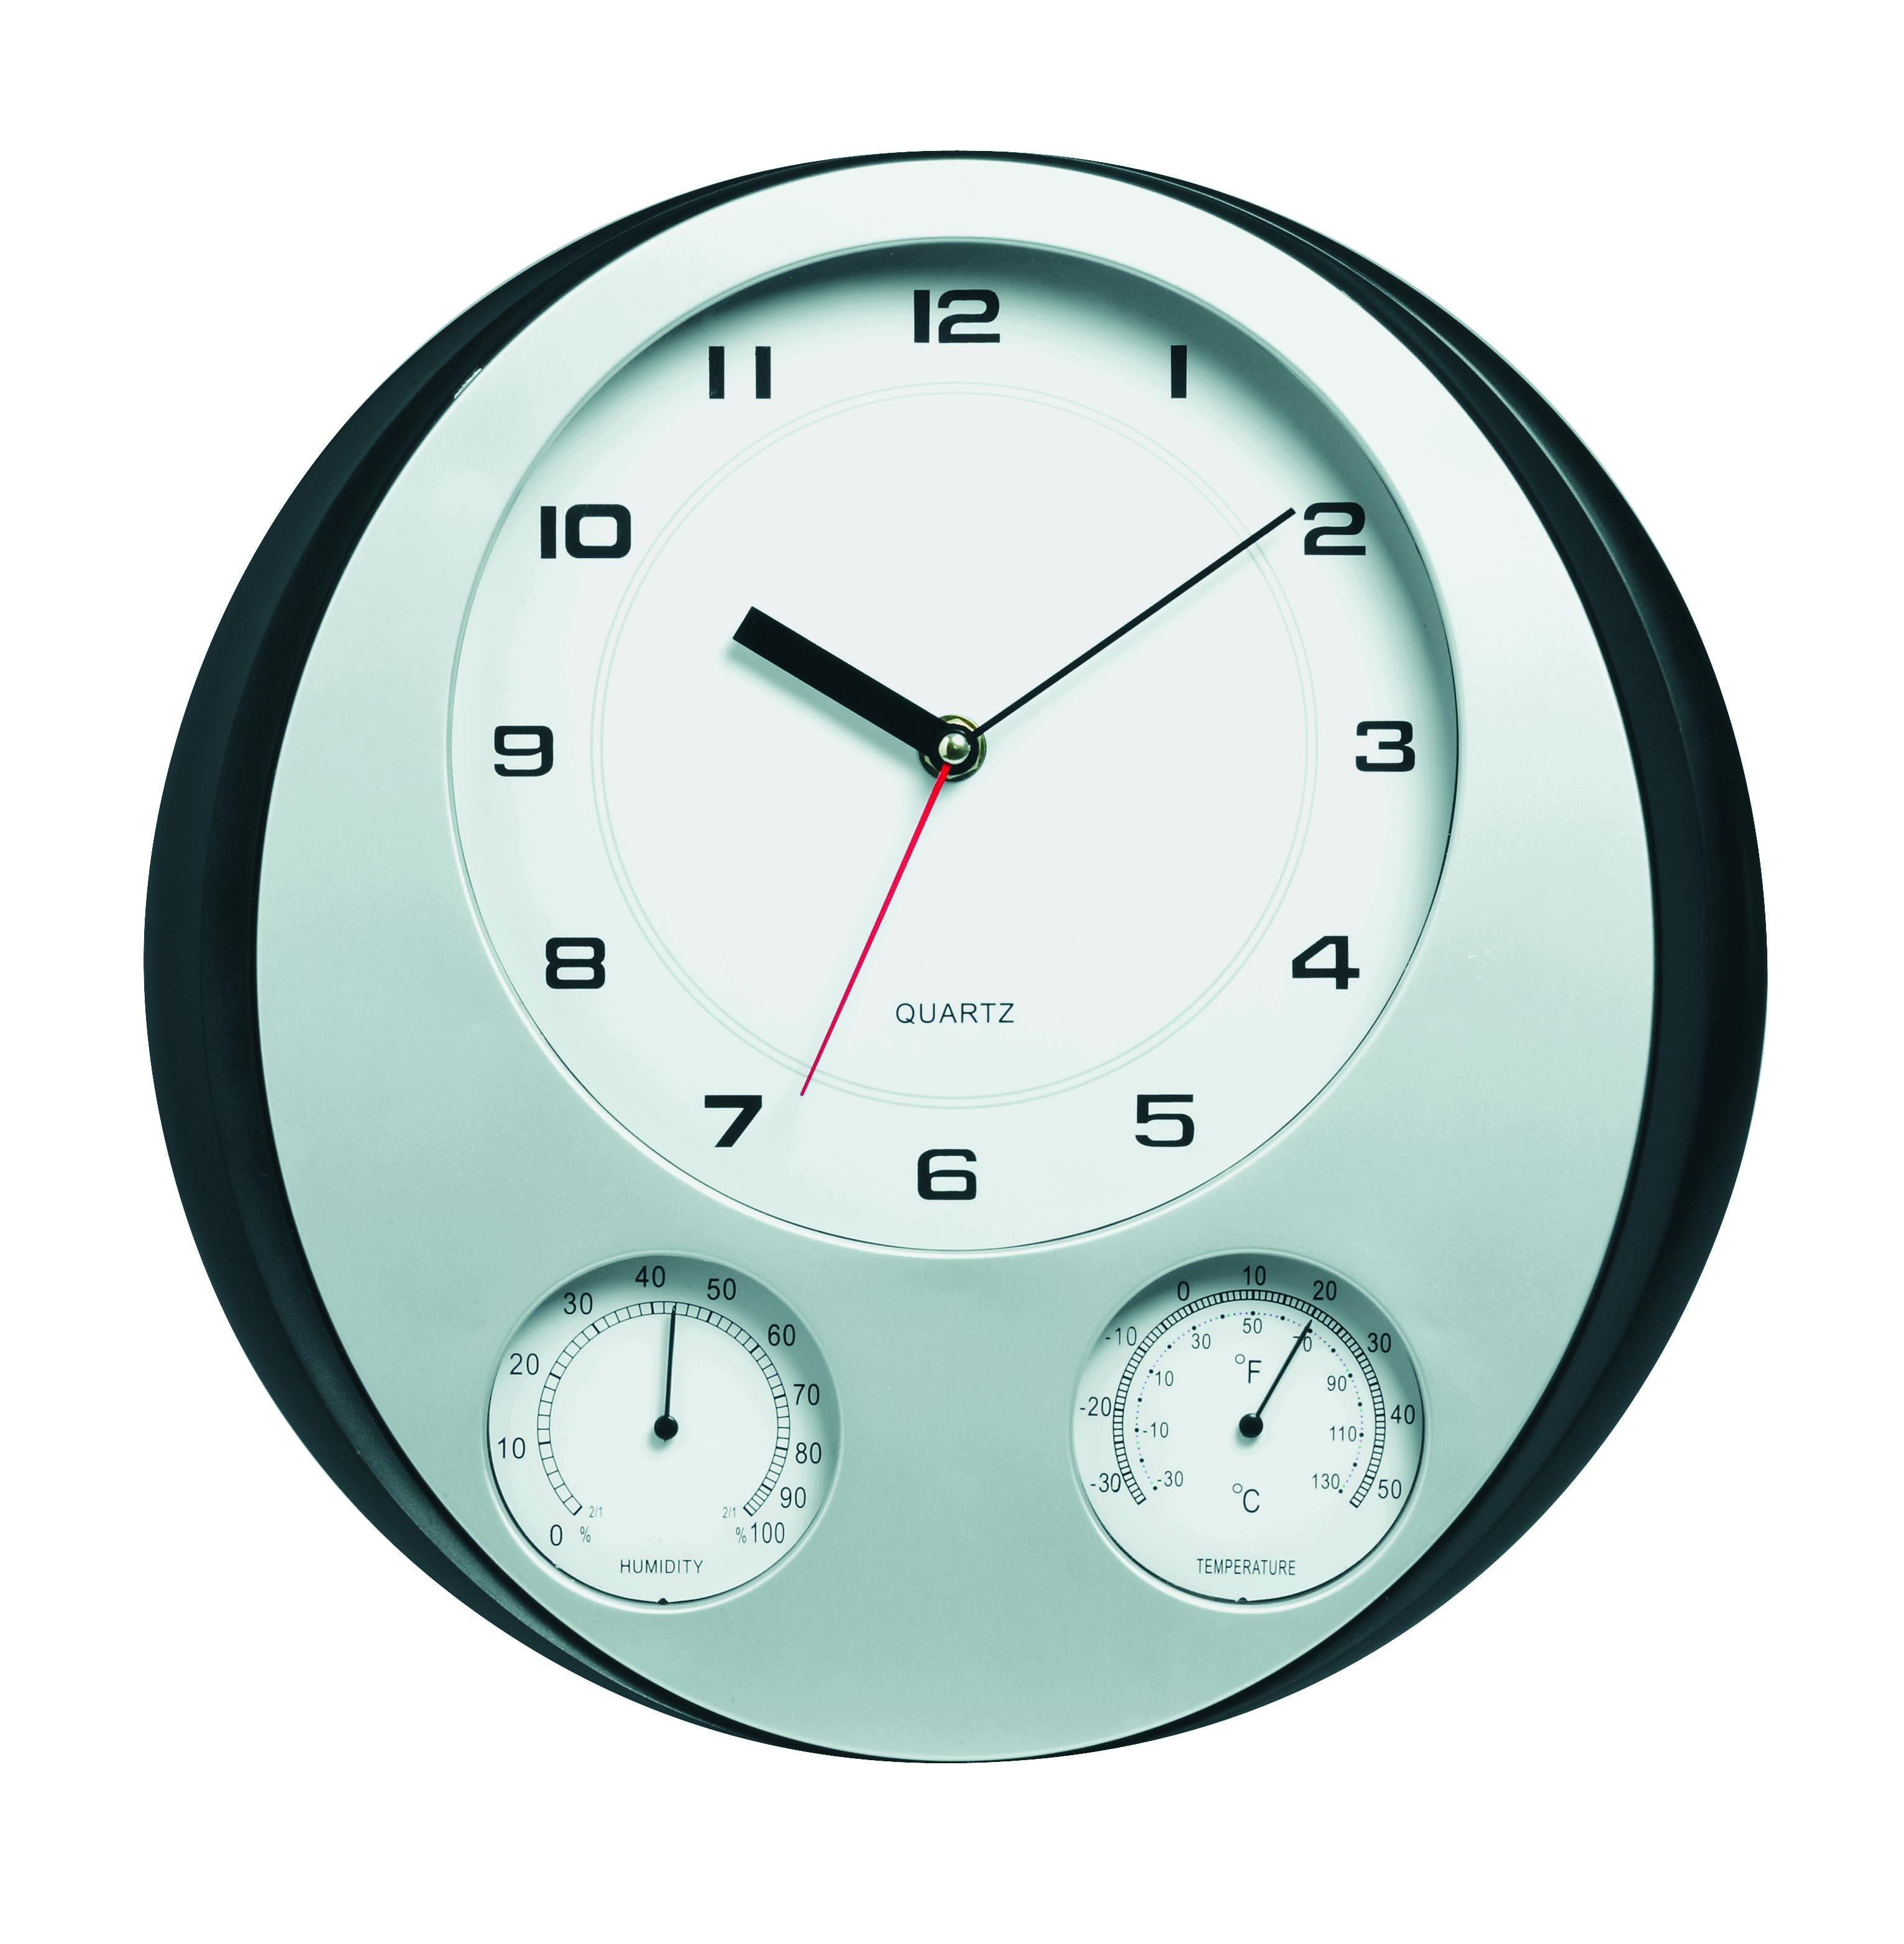 sunbeam wall clock humidity temperature